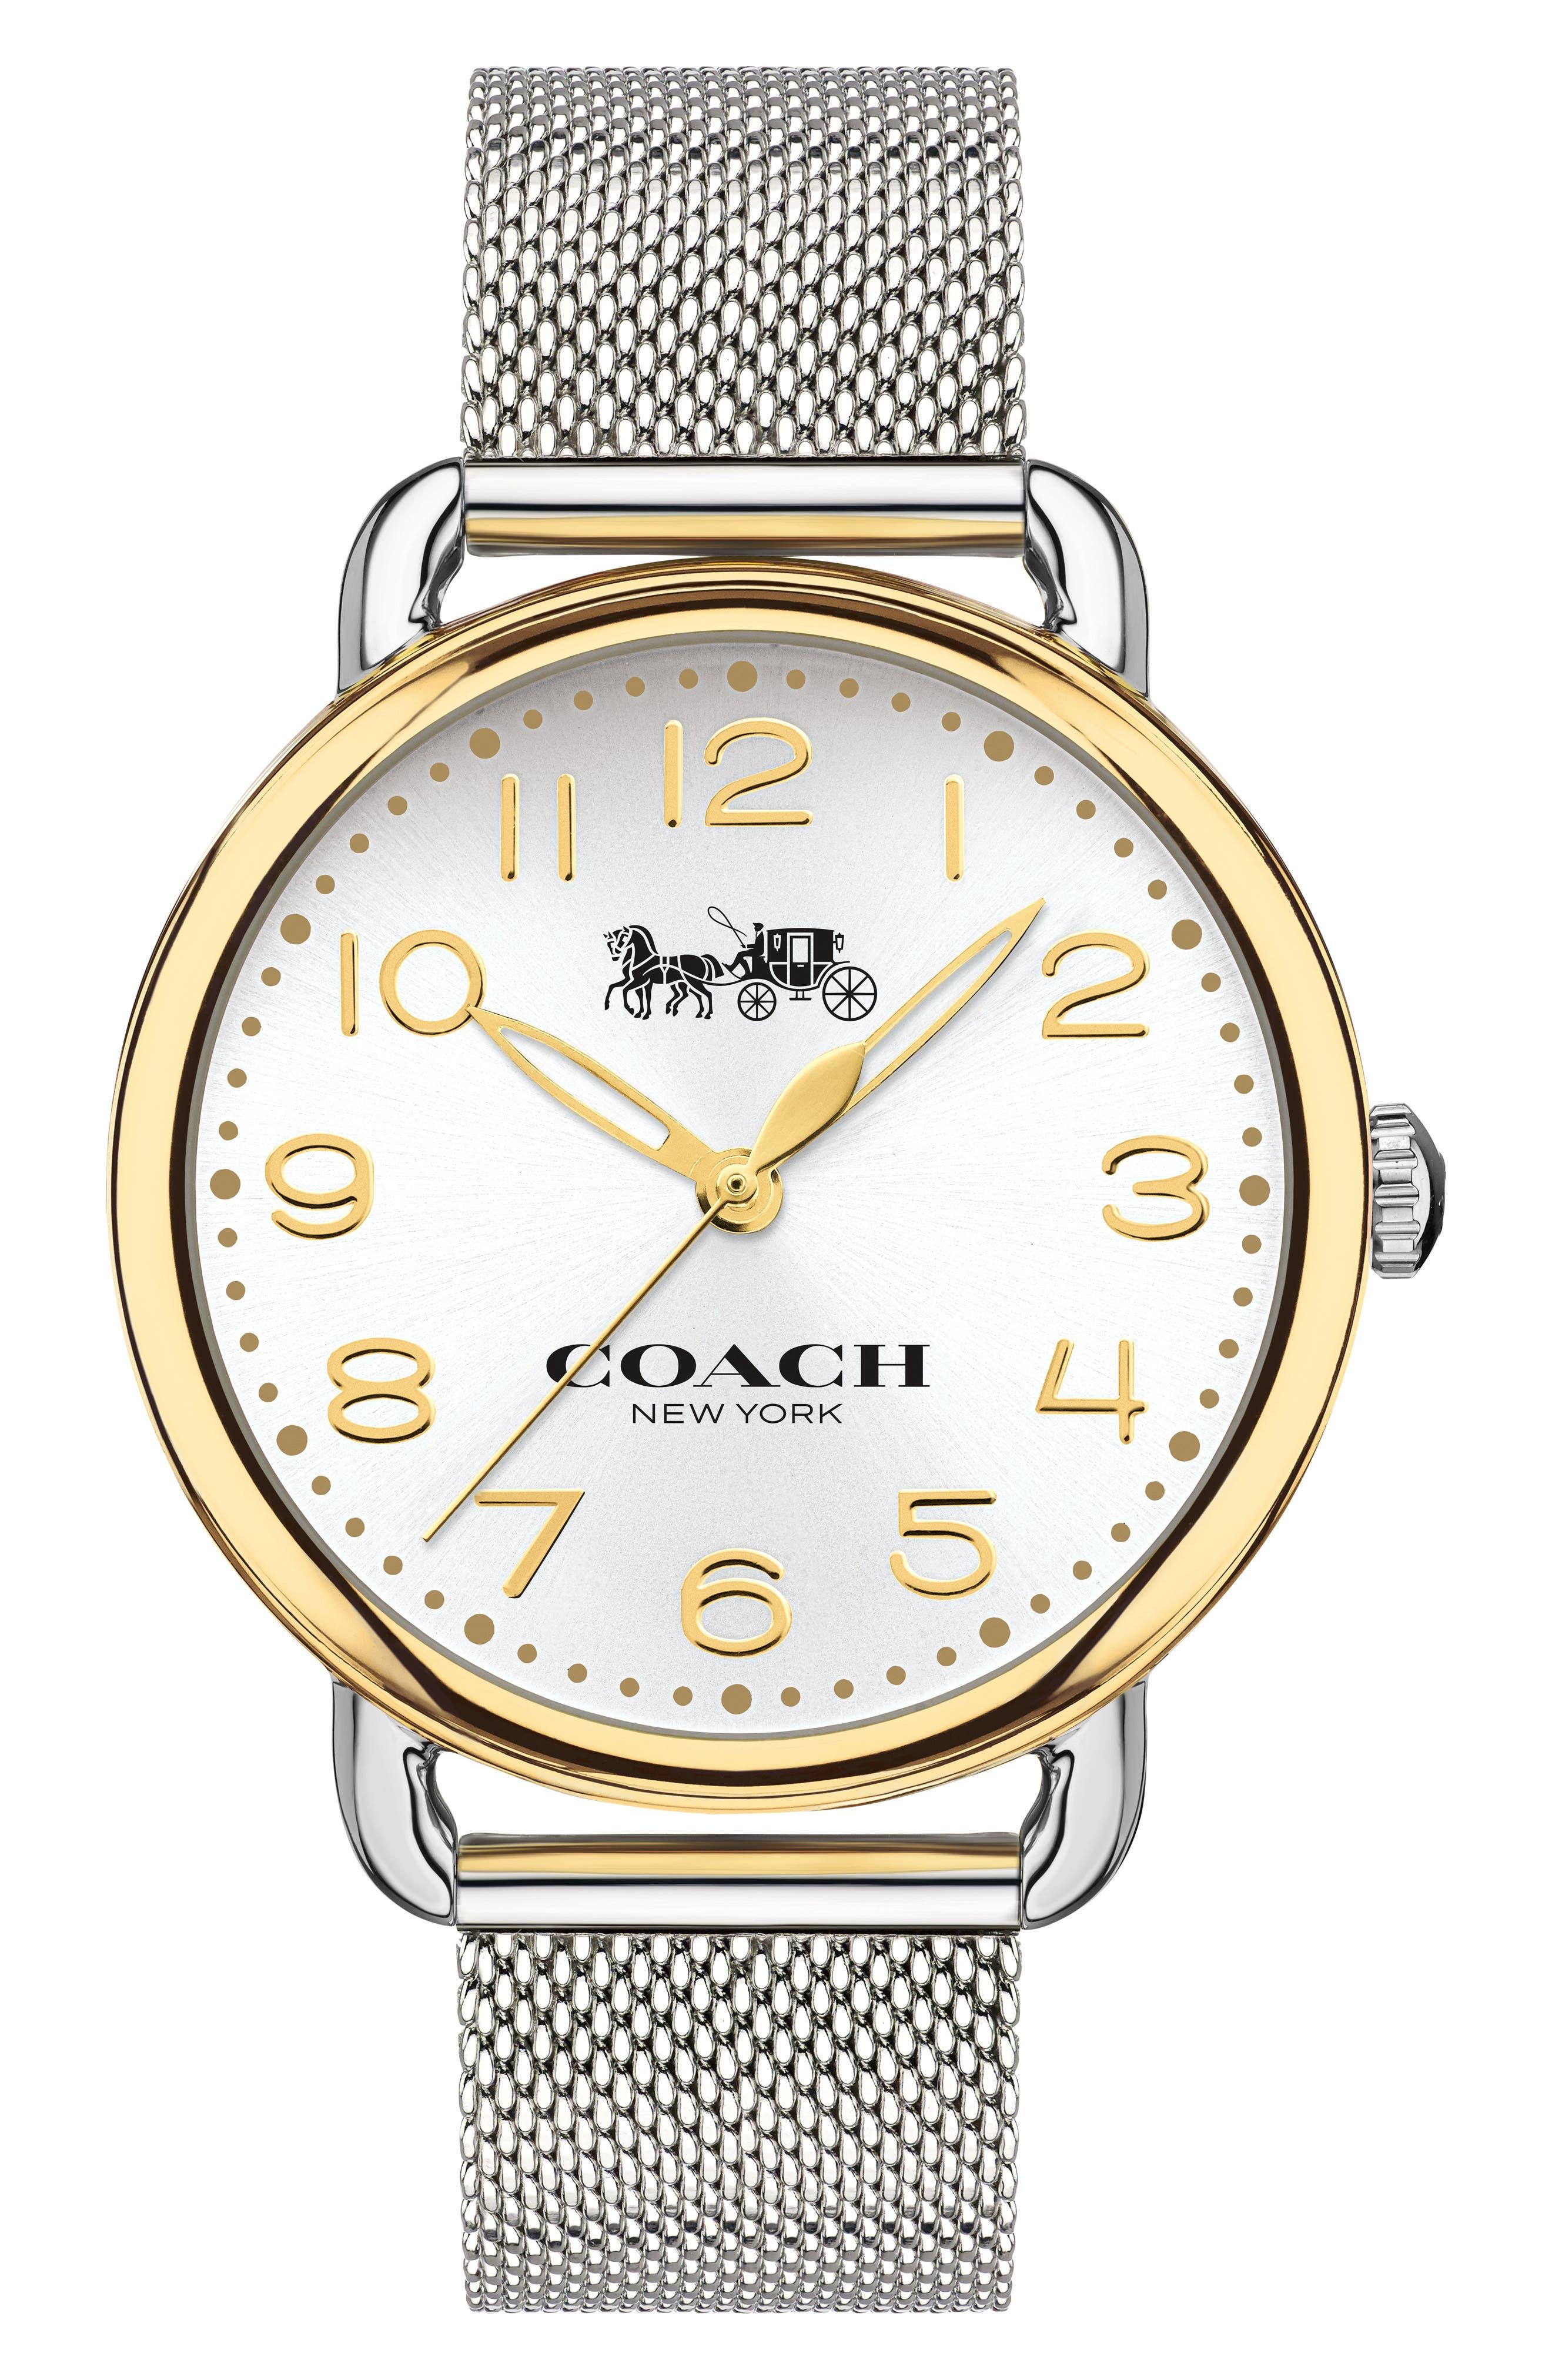 COACH 'Delancey' Round Watch, 36mm